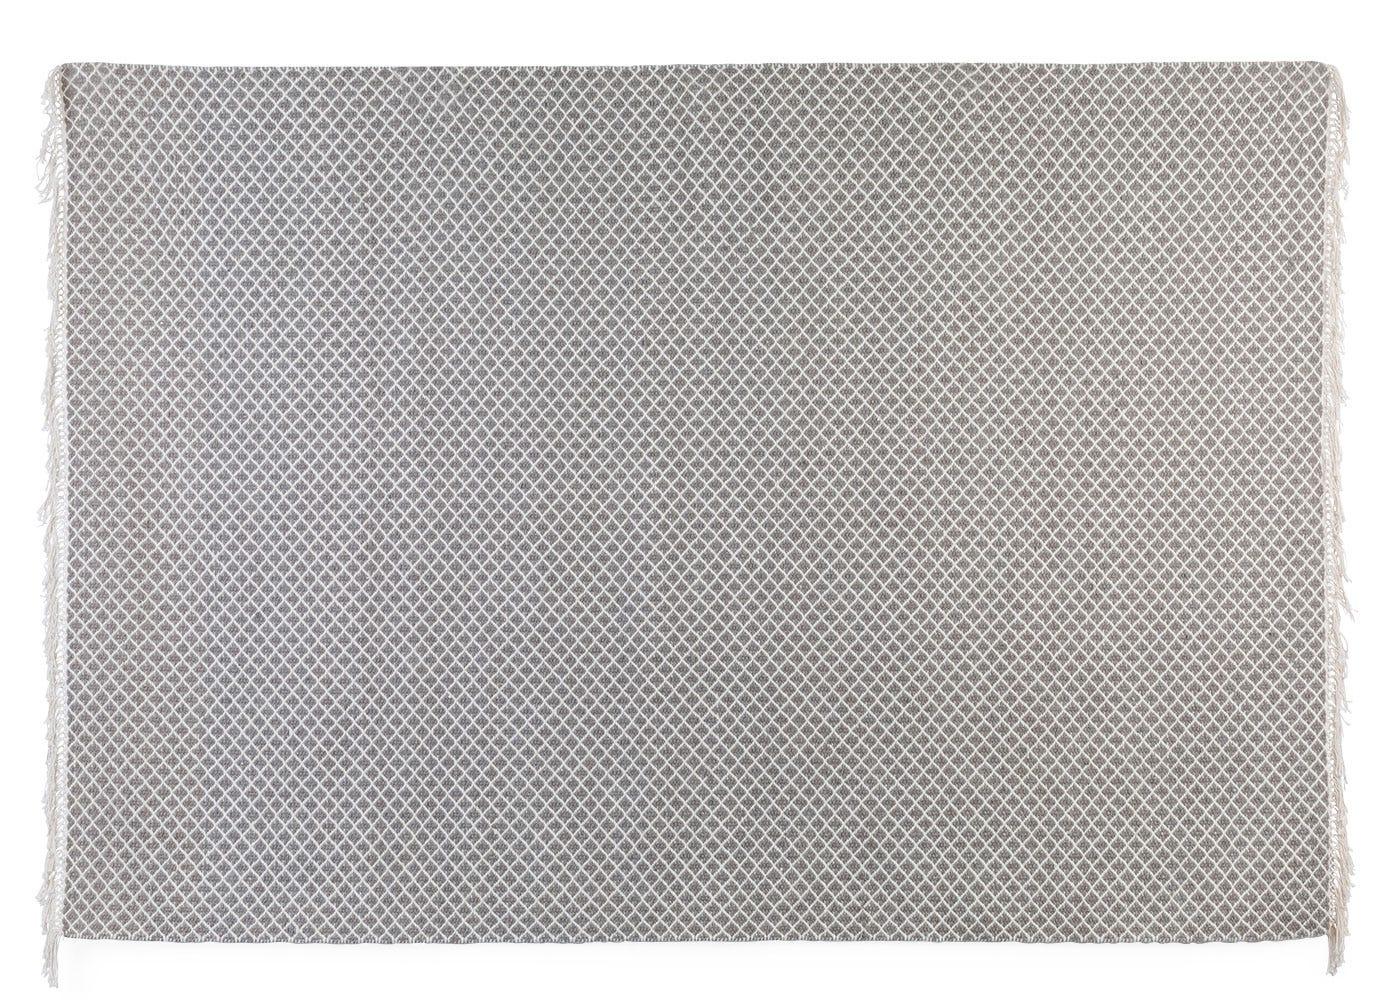 Maryland rug stone front